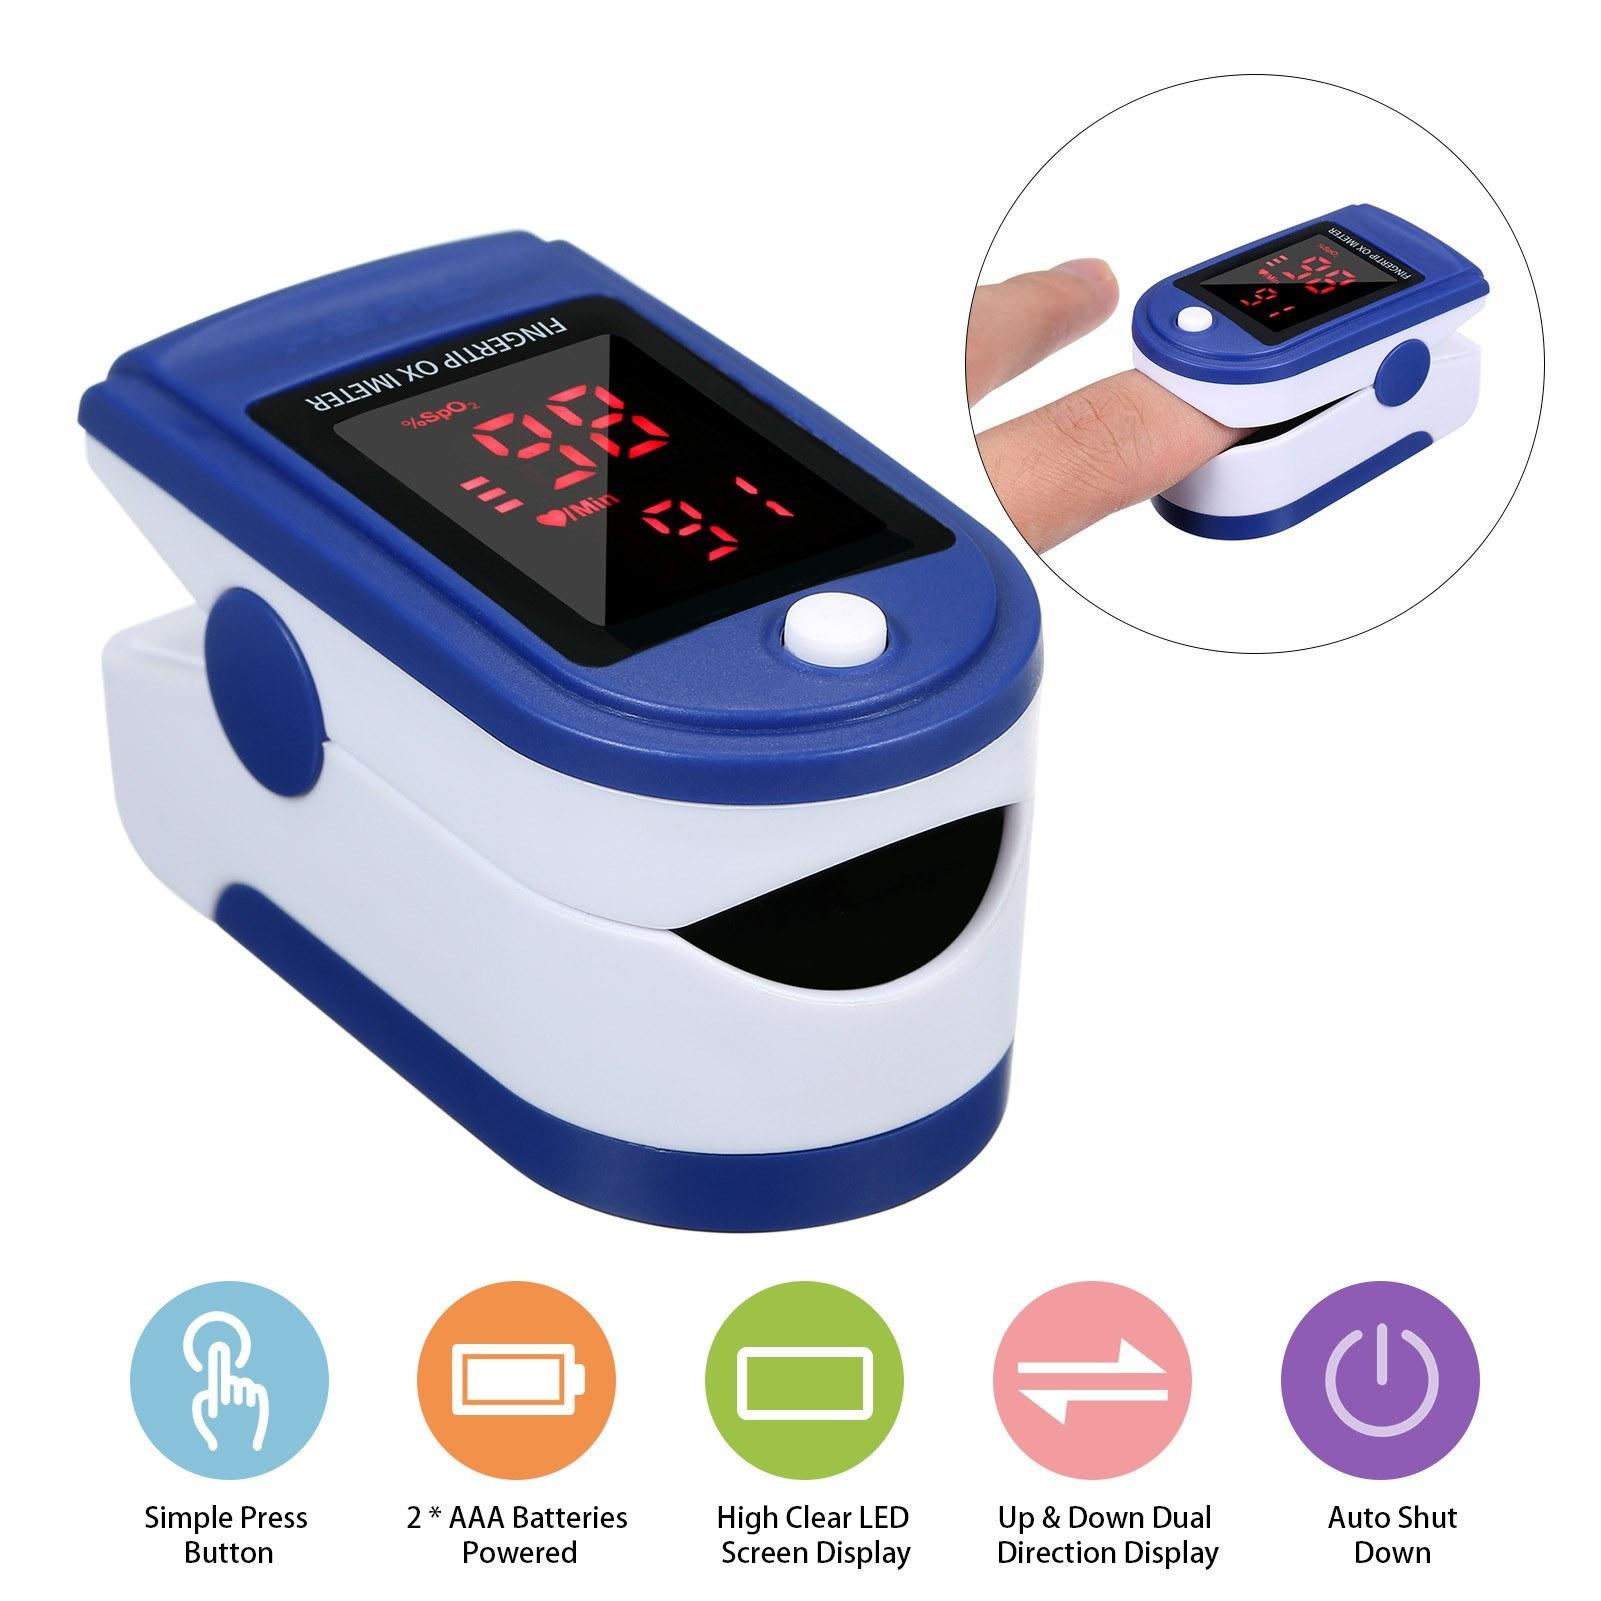 Μοναδική προσφορά! Ασύρματο ψηφιακό θερμόμετρο και οξύμετρο και 50 χειρουργικές μάσκες με μόνο 16.99€ από το Flash Sales του Cafago!